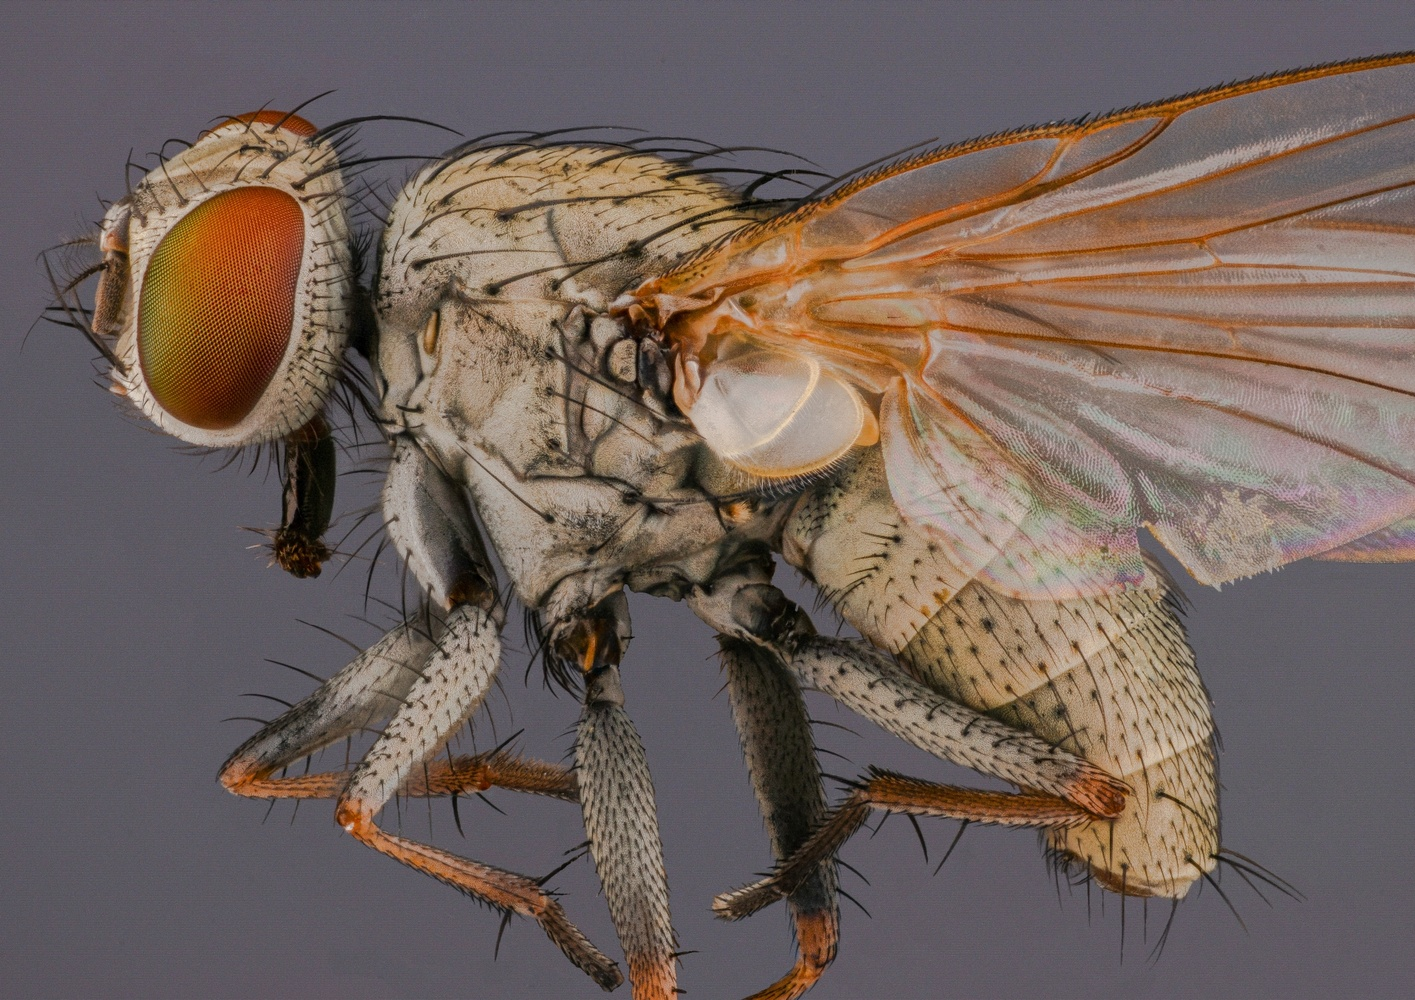 Housefly by Mert Filiz